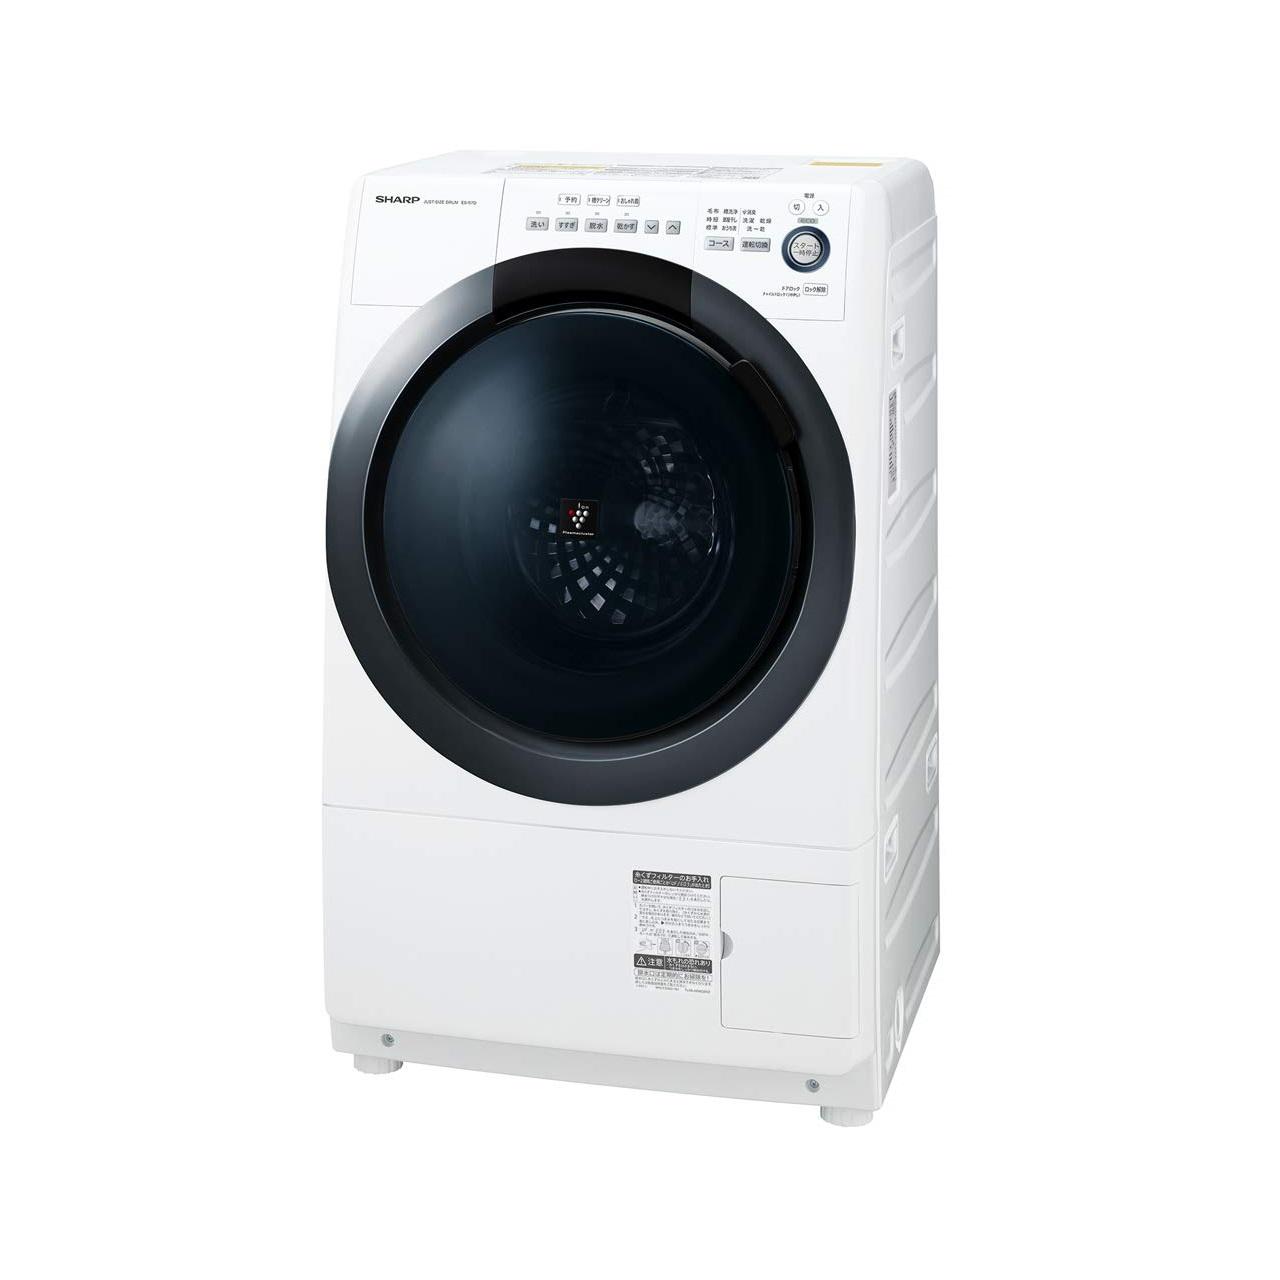 シャープES-S7Dドラム式洗濯乾燥機